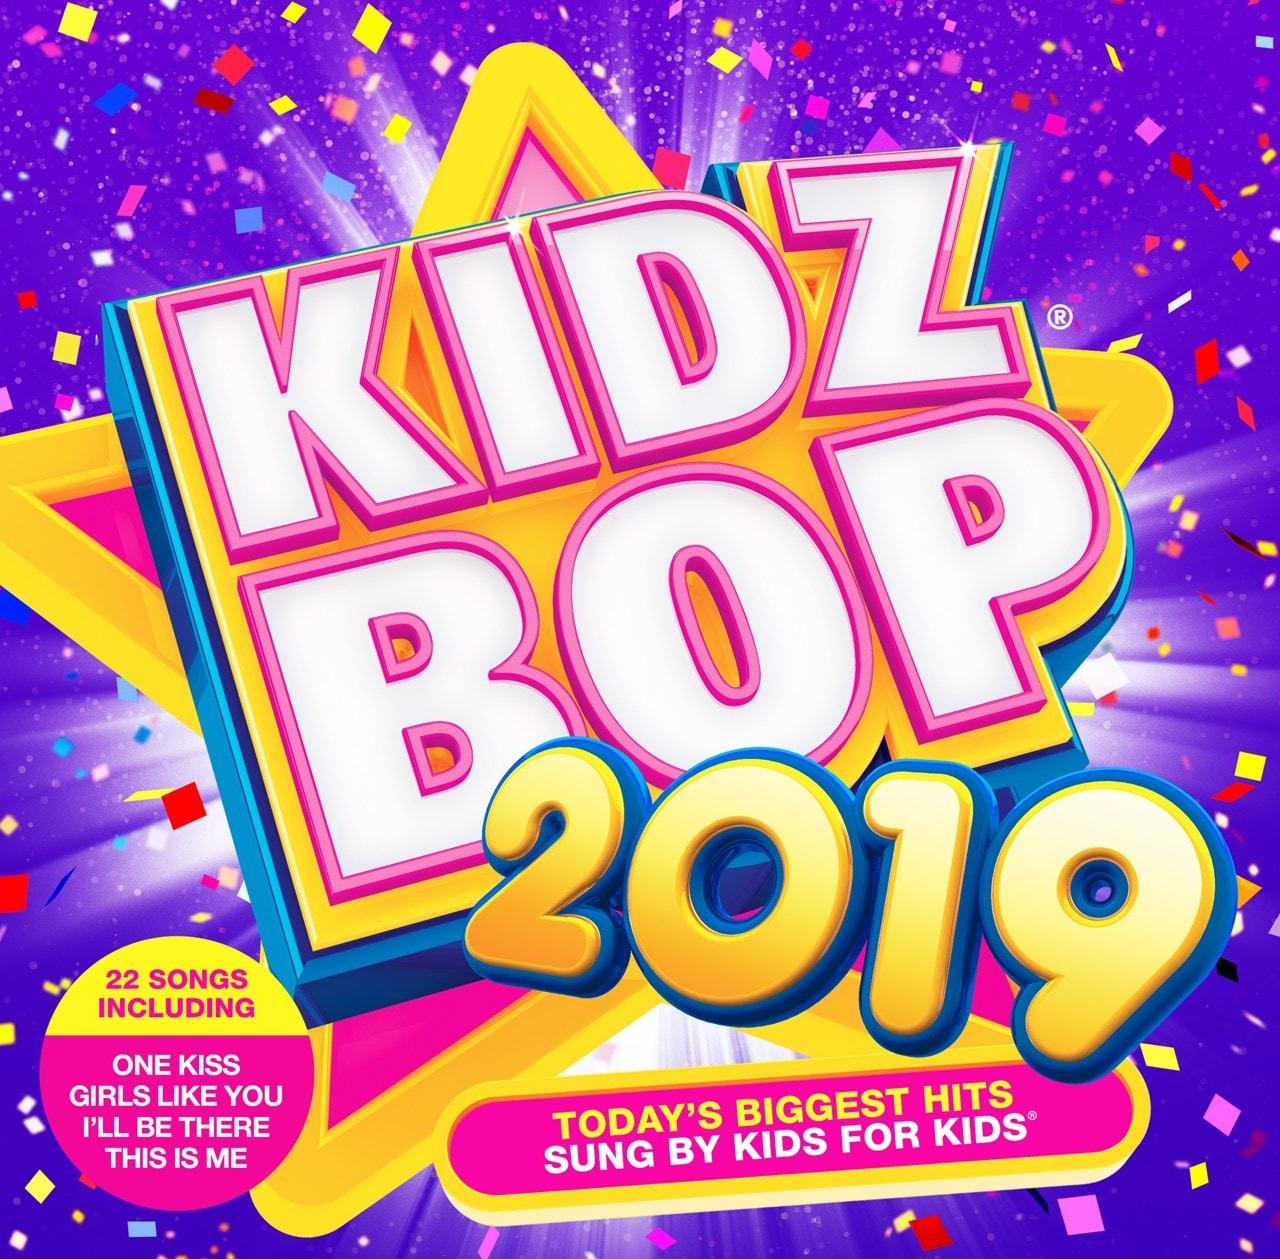 Kidz Bop 2019 - 1